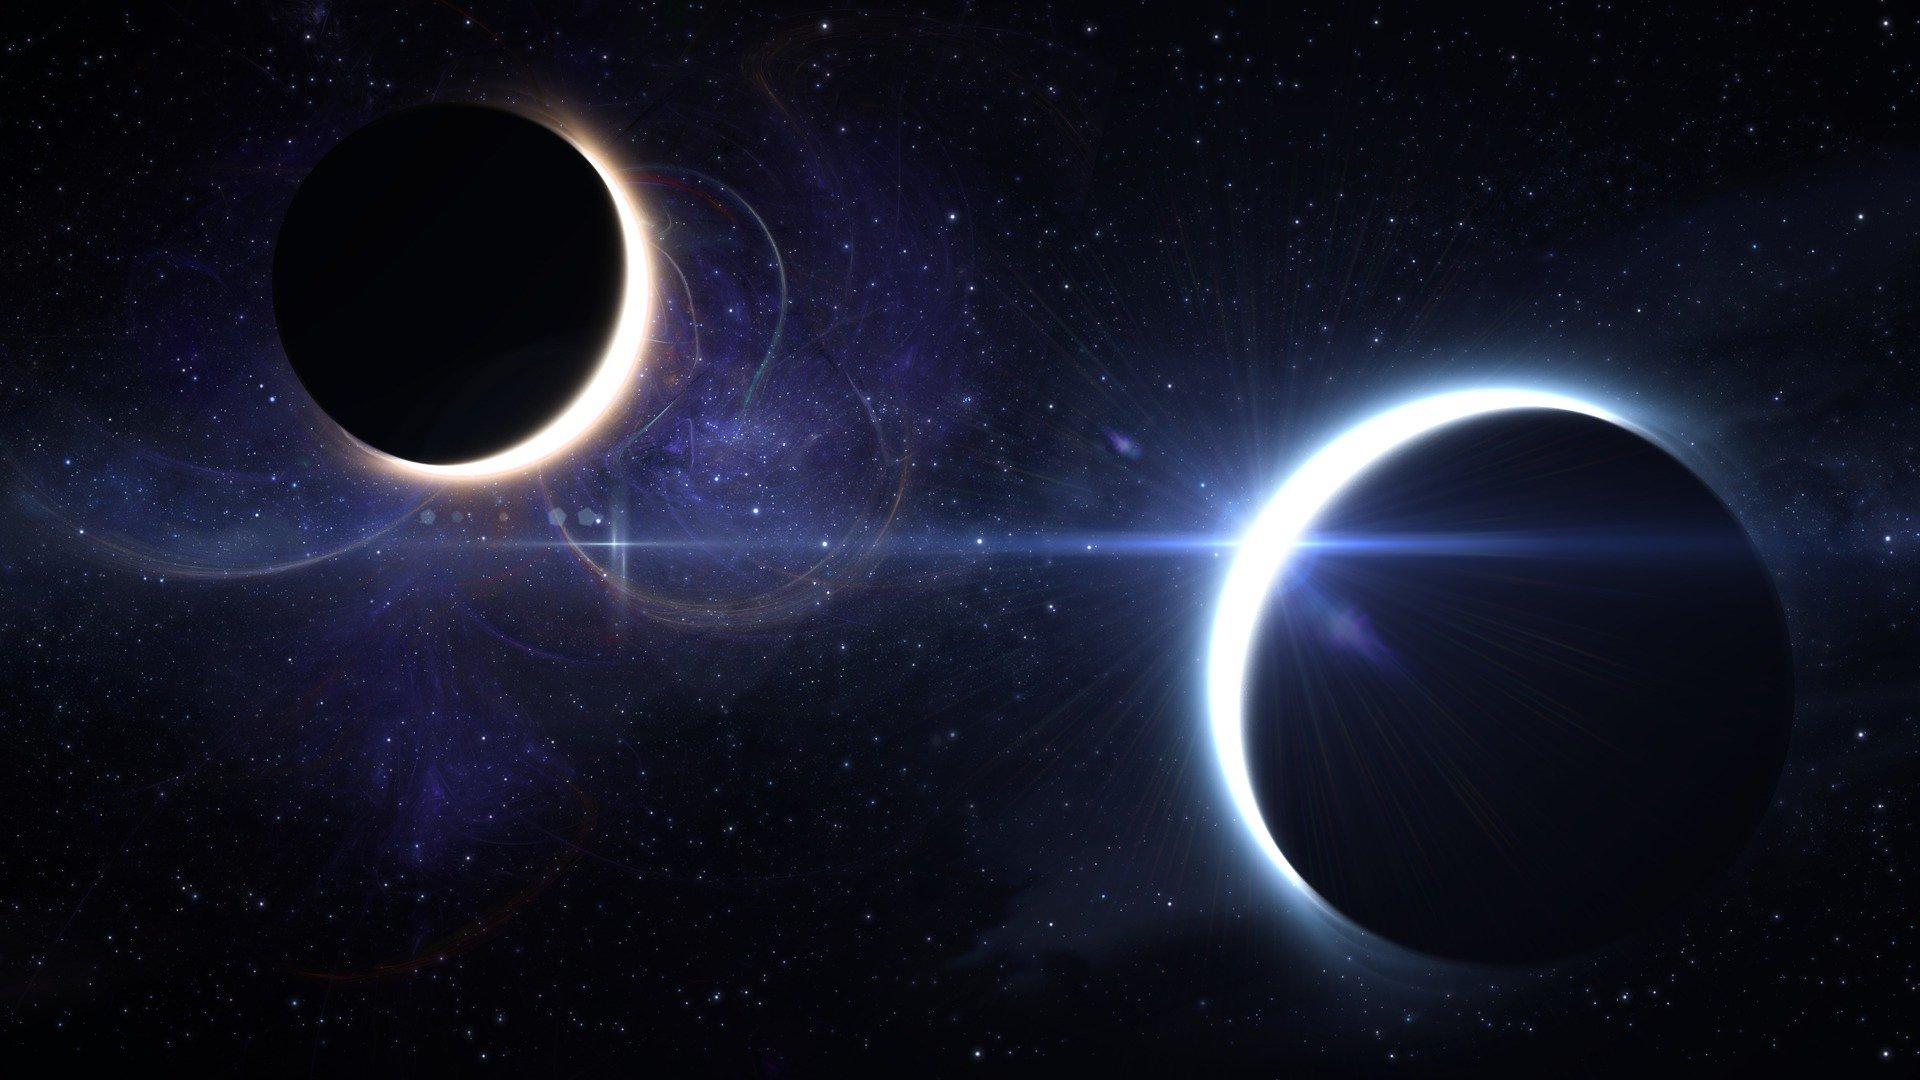 Лунное затмение январь 2020 – когда, чем опасно и что делать